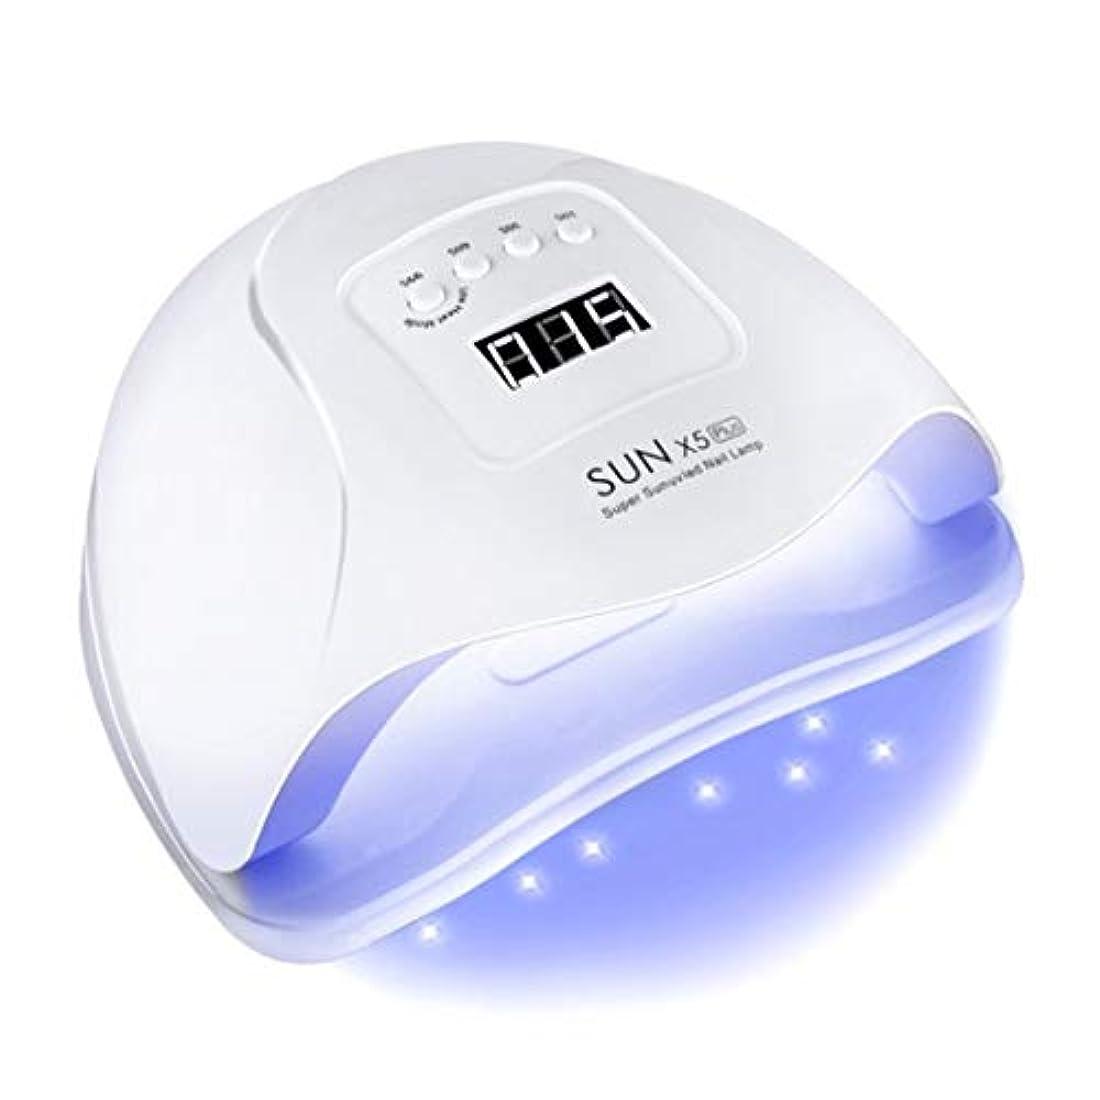 Ourine 80Wネイルドライヤー ジェルネイル LEDダブルライト ハイパワー 硬化ゲルポリッシュネイルアートツール 自動感知センサー ローヒートモード搭載 タイマー UVライトネイルポリッシュ用 速乾 レジン ジェルネイル用